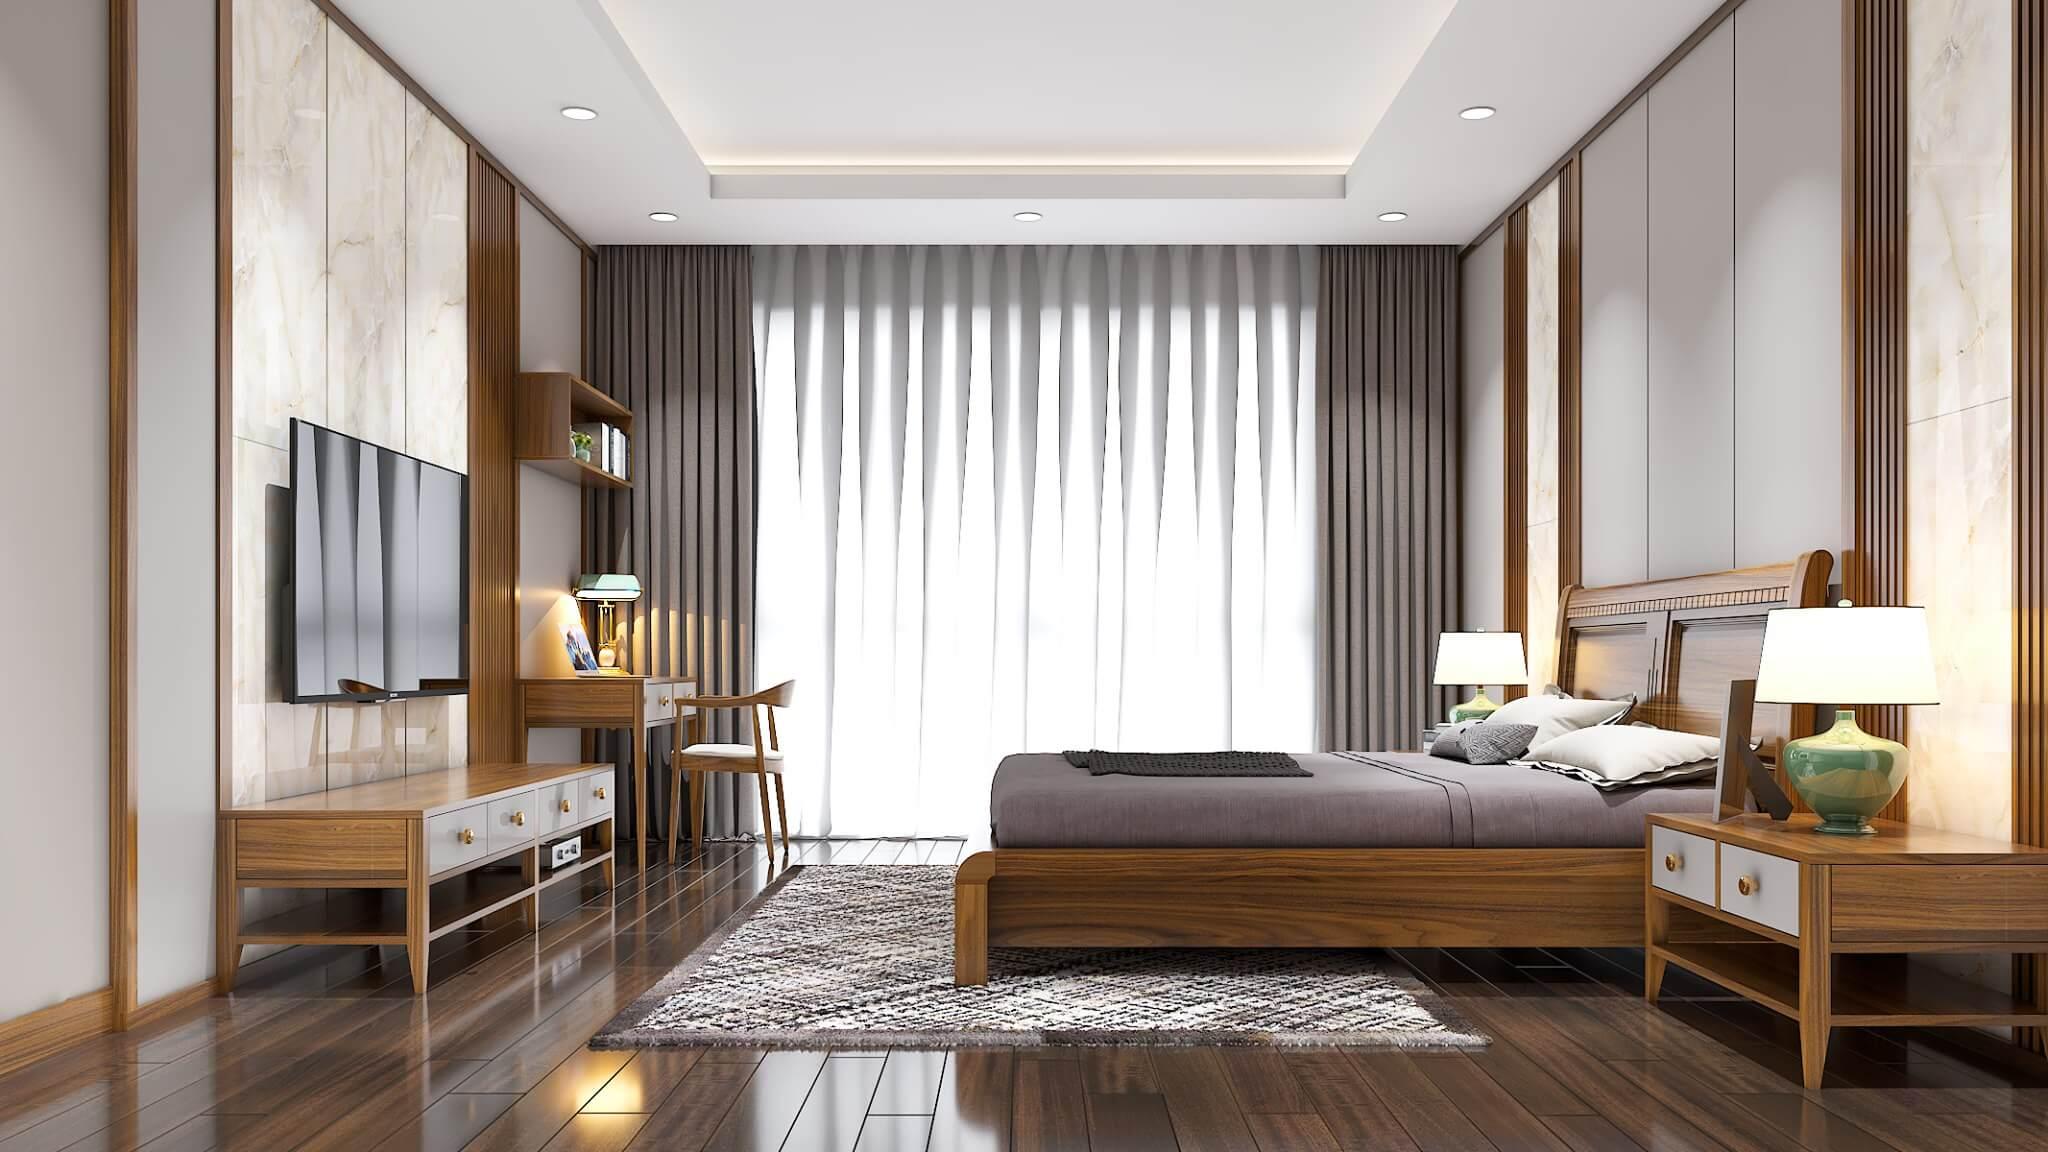 Không gian phòng ngủ master cũng được tận dụng ánh sáng từ cửa sổ lớn